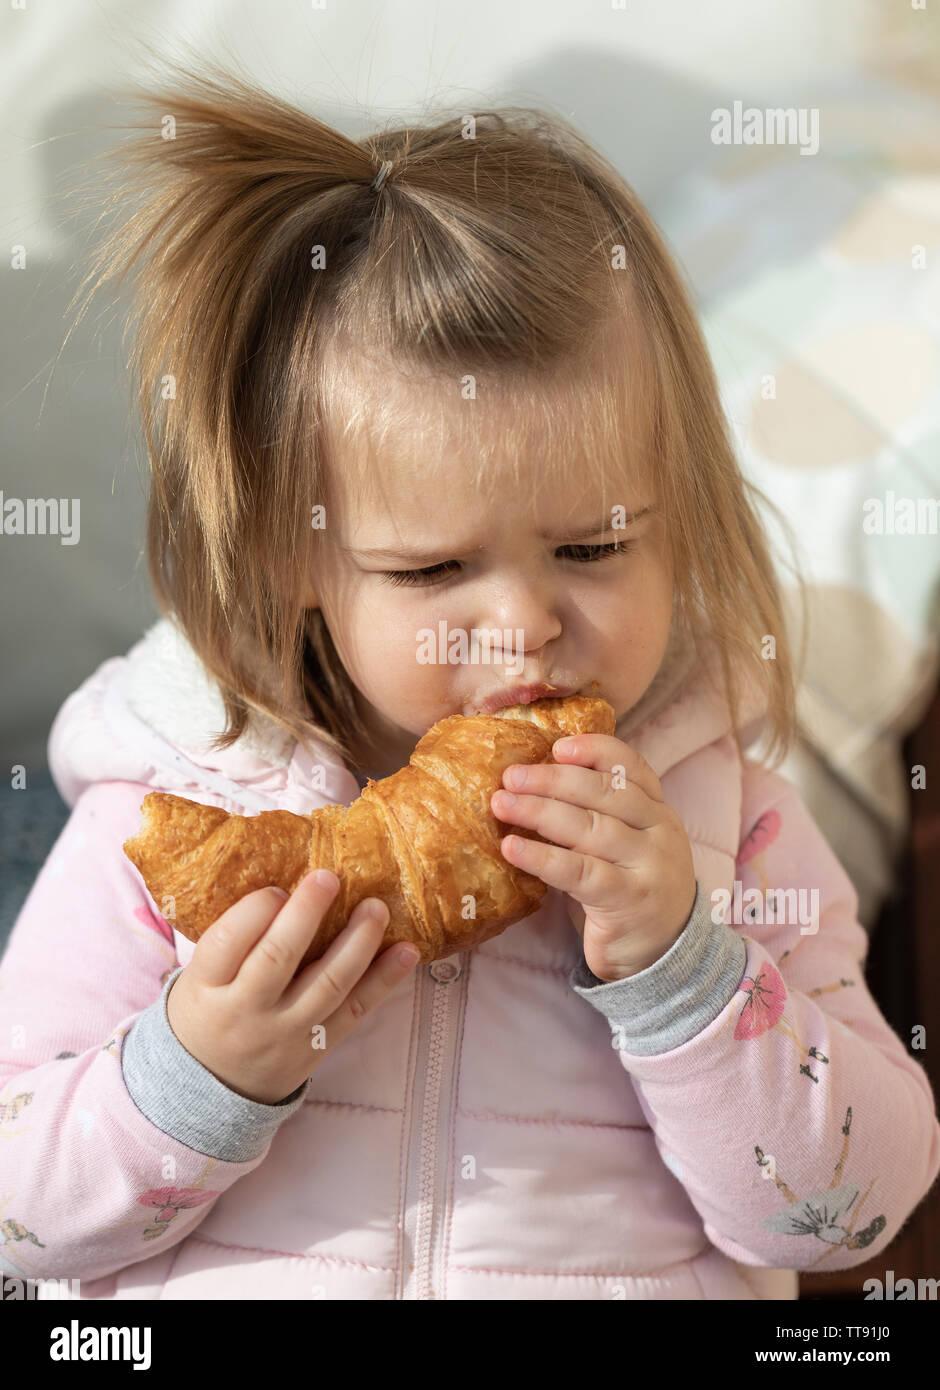 Hilo para dar los buenos días - Página 8 Hermosa-nina-comiendo-el-croissant-en-el-cafe-la-hora-del-desayuno-tt91j0